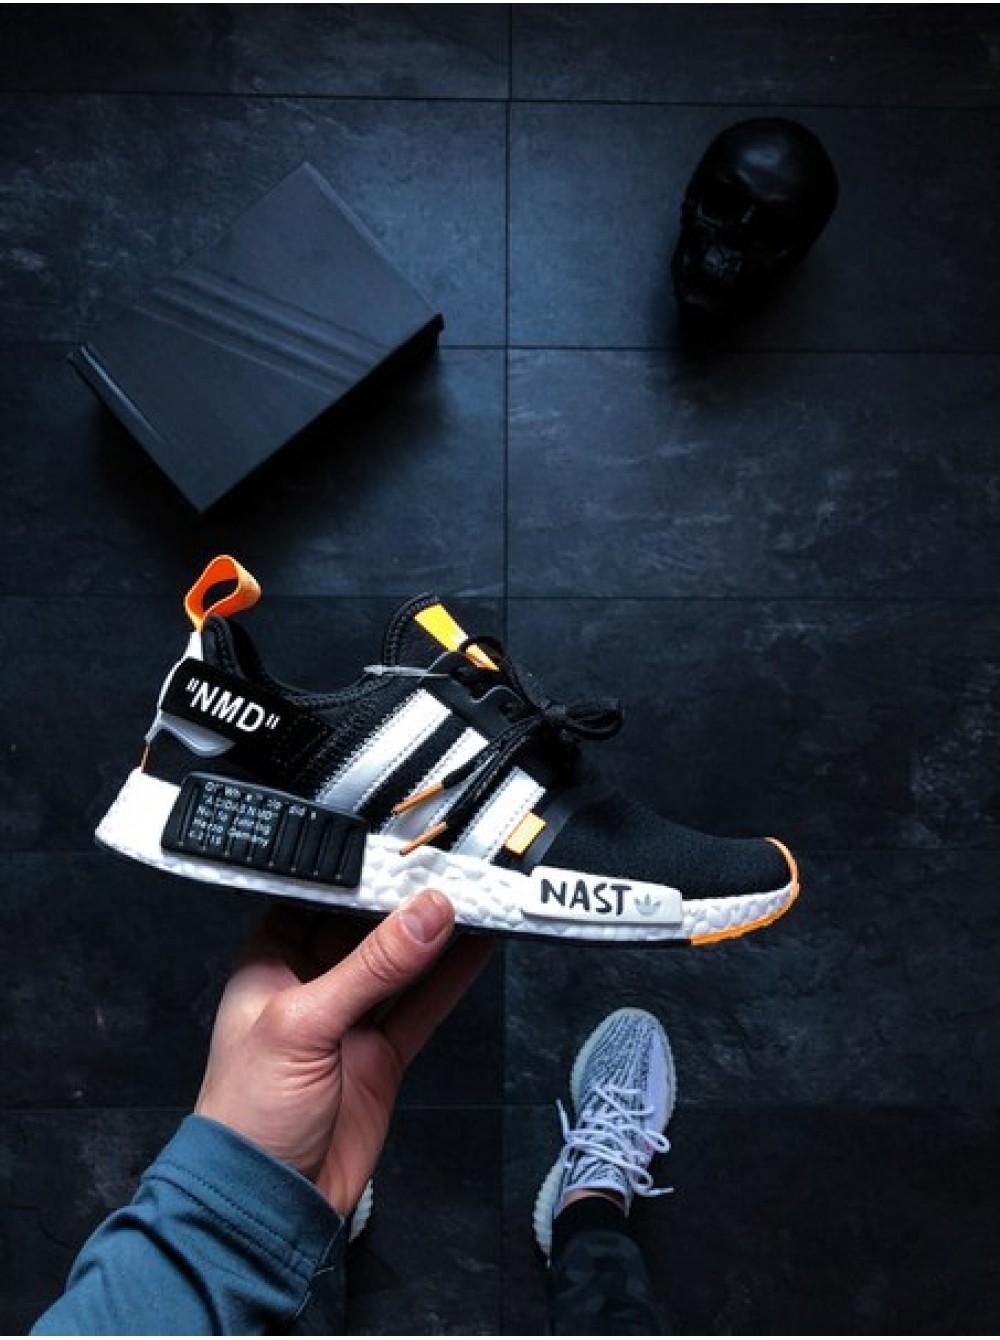 b25e8a36d07f8a Кроссовки Off-White x adidas NMD R1 PK Primeknit Black White Orange.